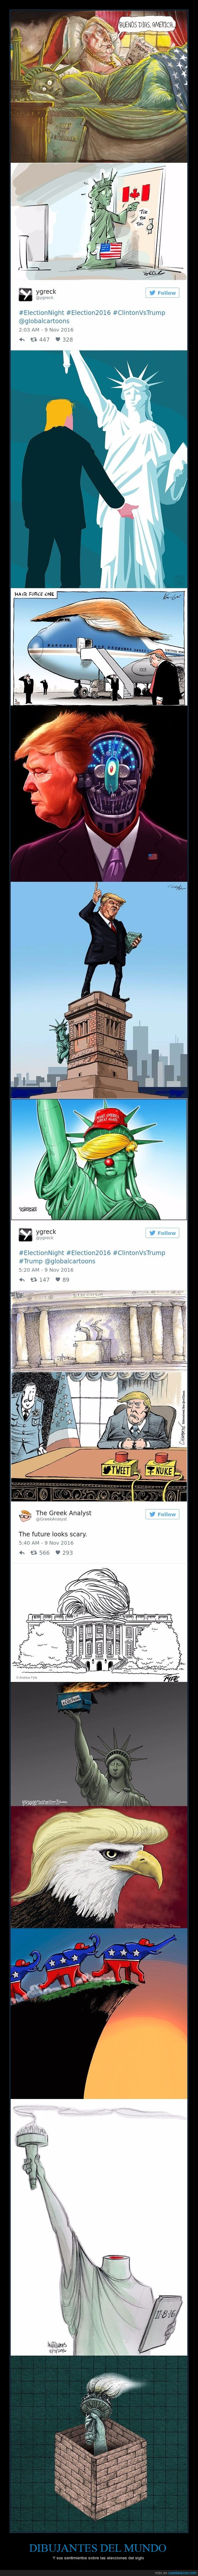 caricaturas,eeuu,elecciones,usa,votantes